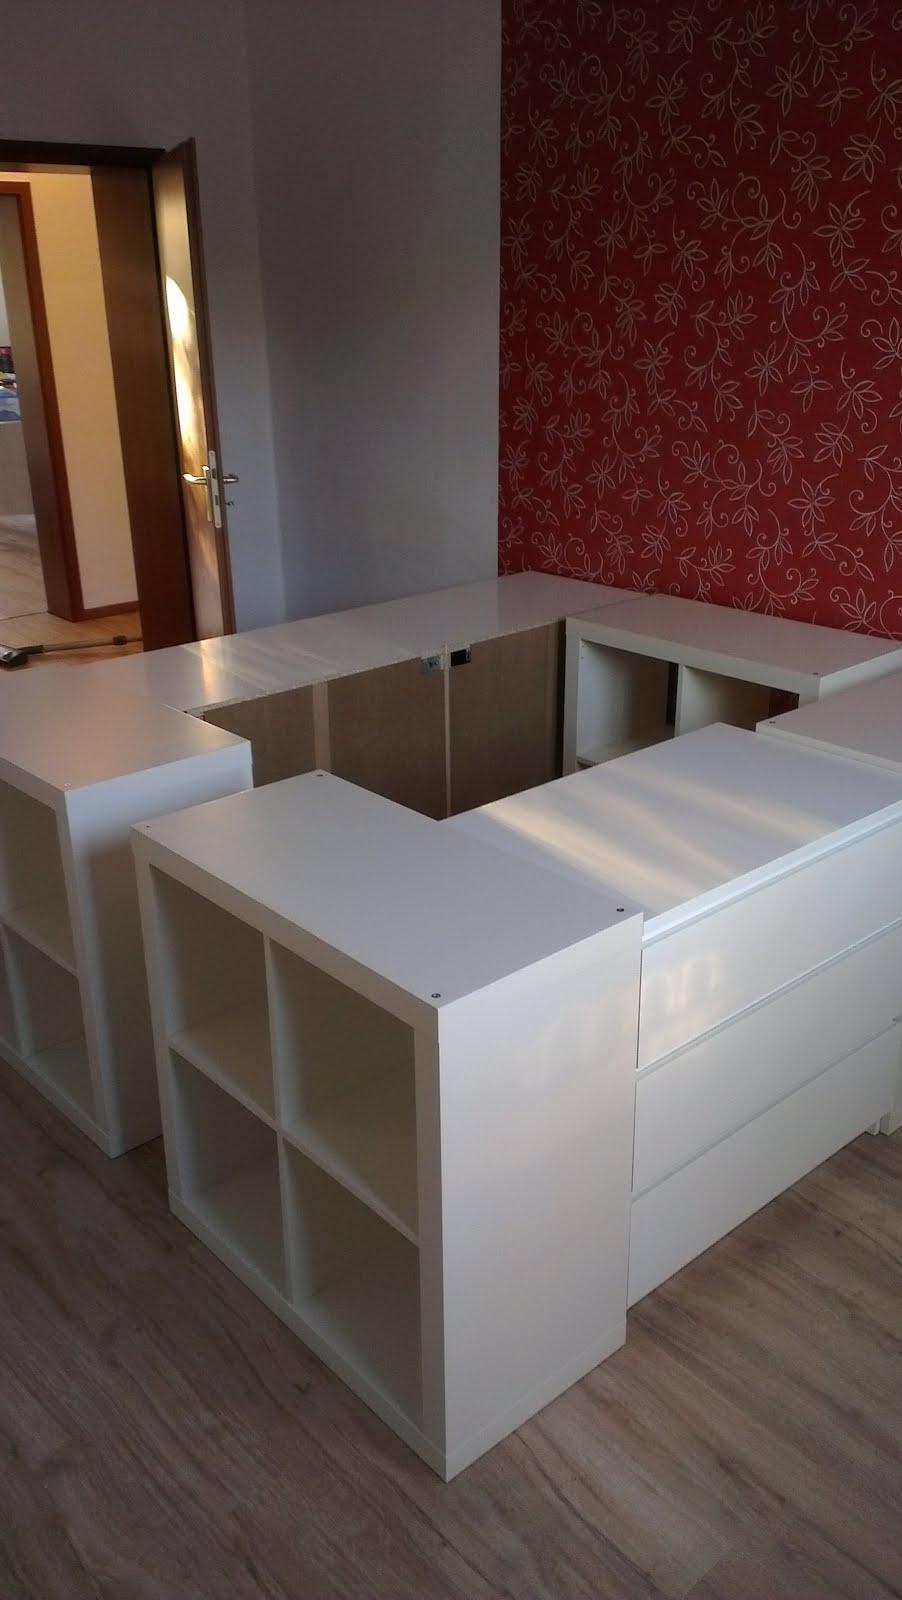 Ikea hack bett  Half a loft bed - IKEA Hackers - IKEA Hackers